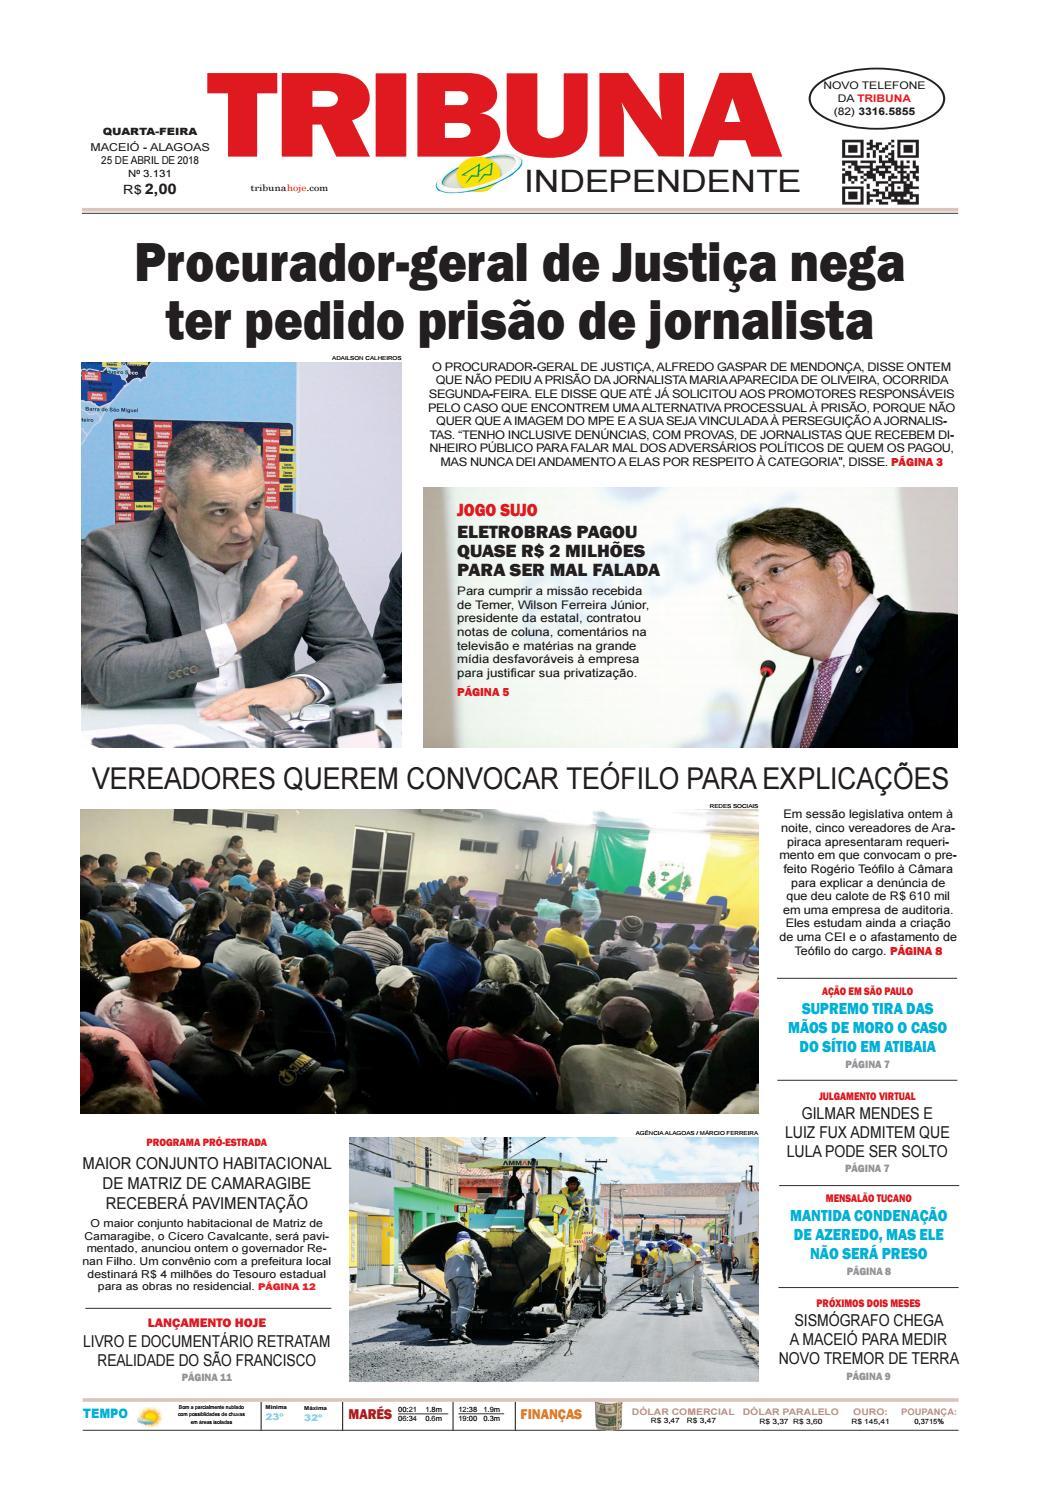 086416cefd Edição número 3131 - 25 de abril de 2018 by Tribuna Hoje - issuu